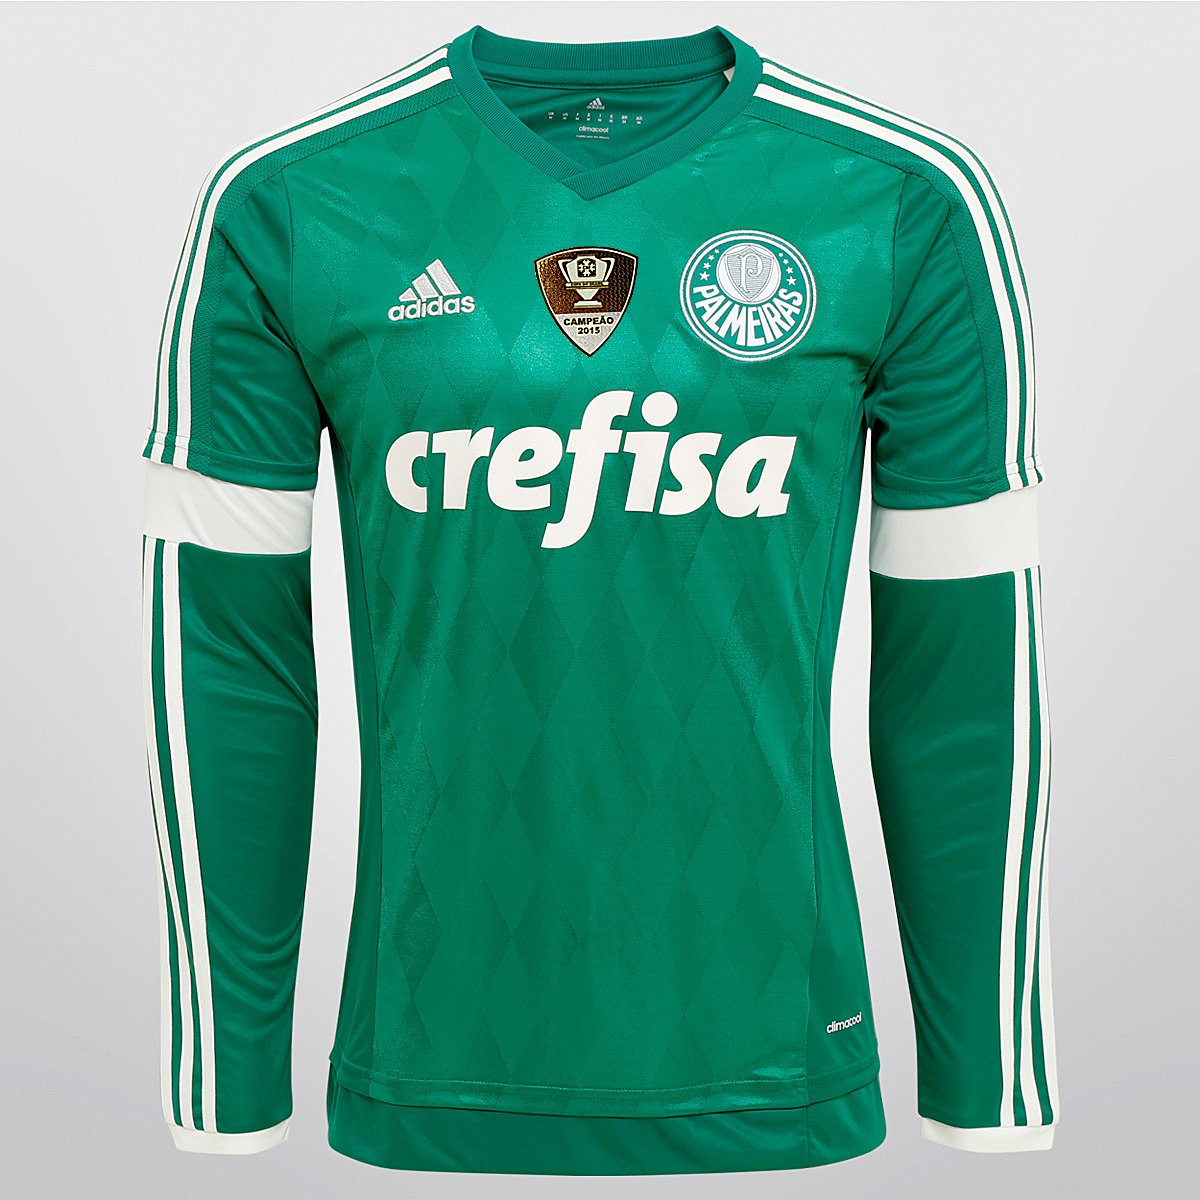 5eb38142194d6 Camisa Adidas Palmeiras I 15 16 s nº M L - Patch Campeão Copa Do Brasil -  Compre Agora